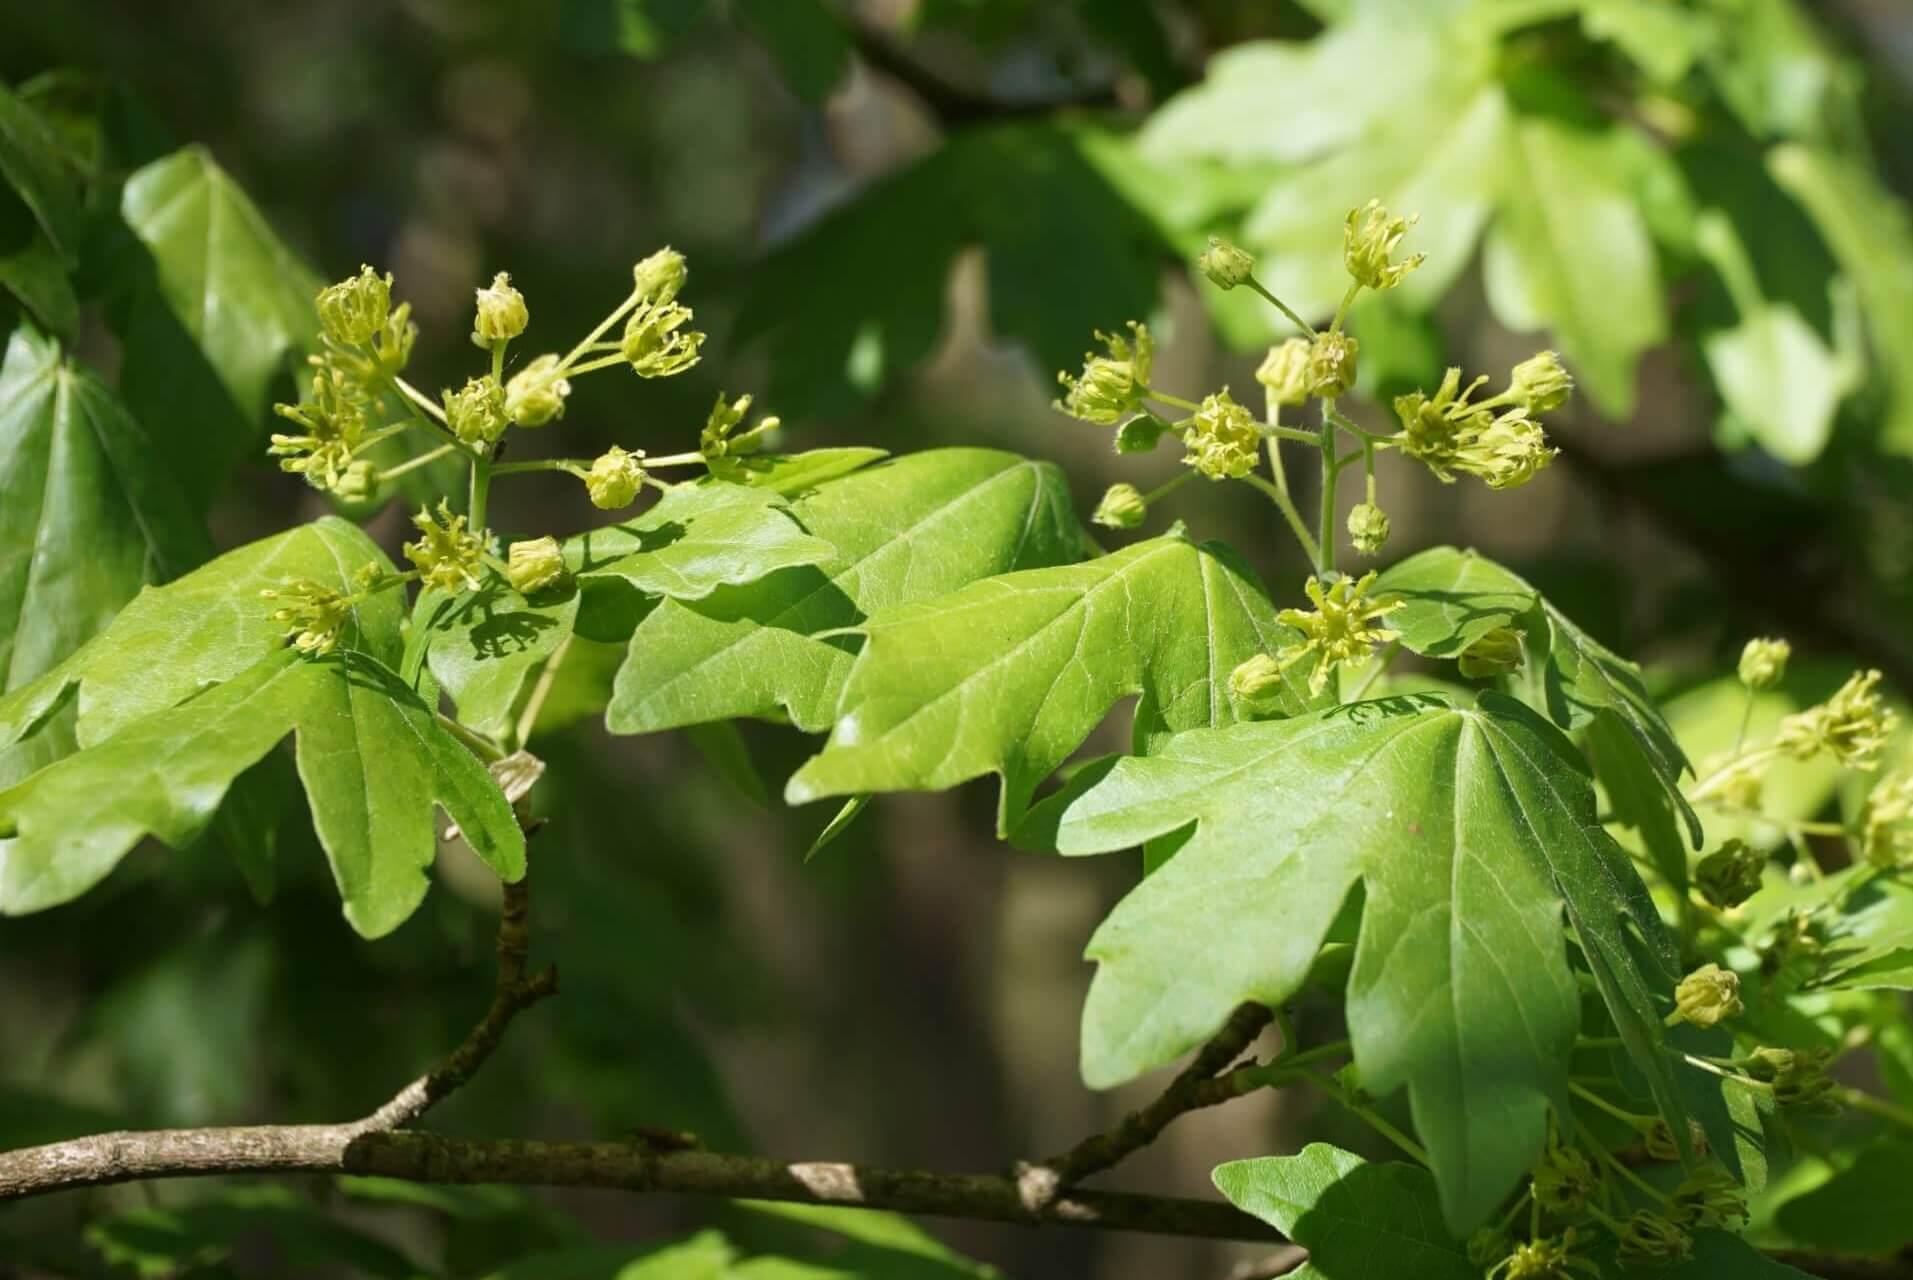 Das Bild zeigt die Blütenrispe eines Feld-Ahorns bei Müggelheim, mit bis zu 20 Einzelblüten.